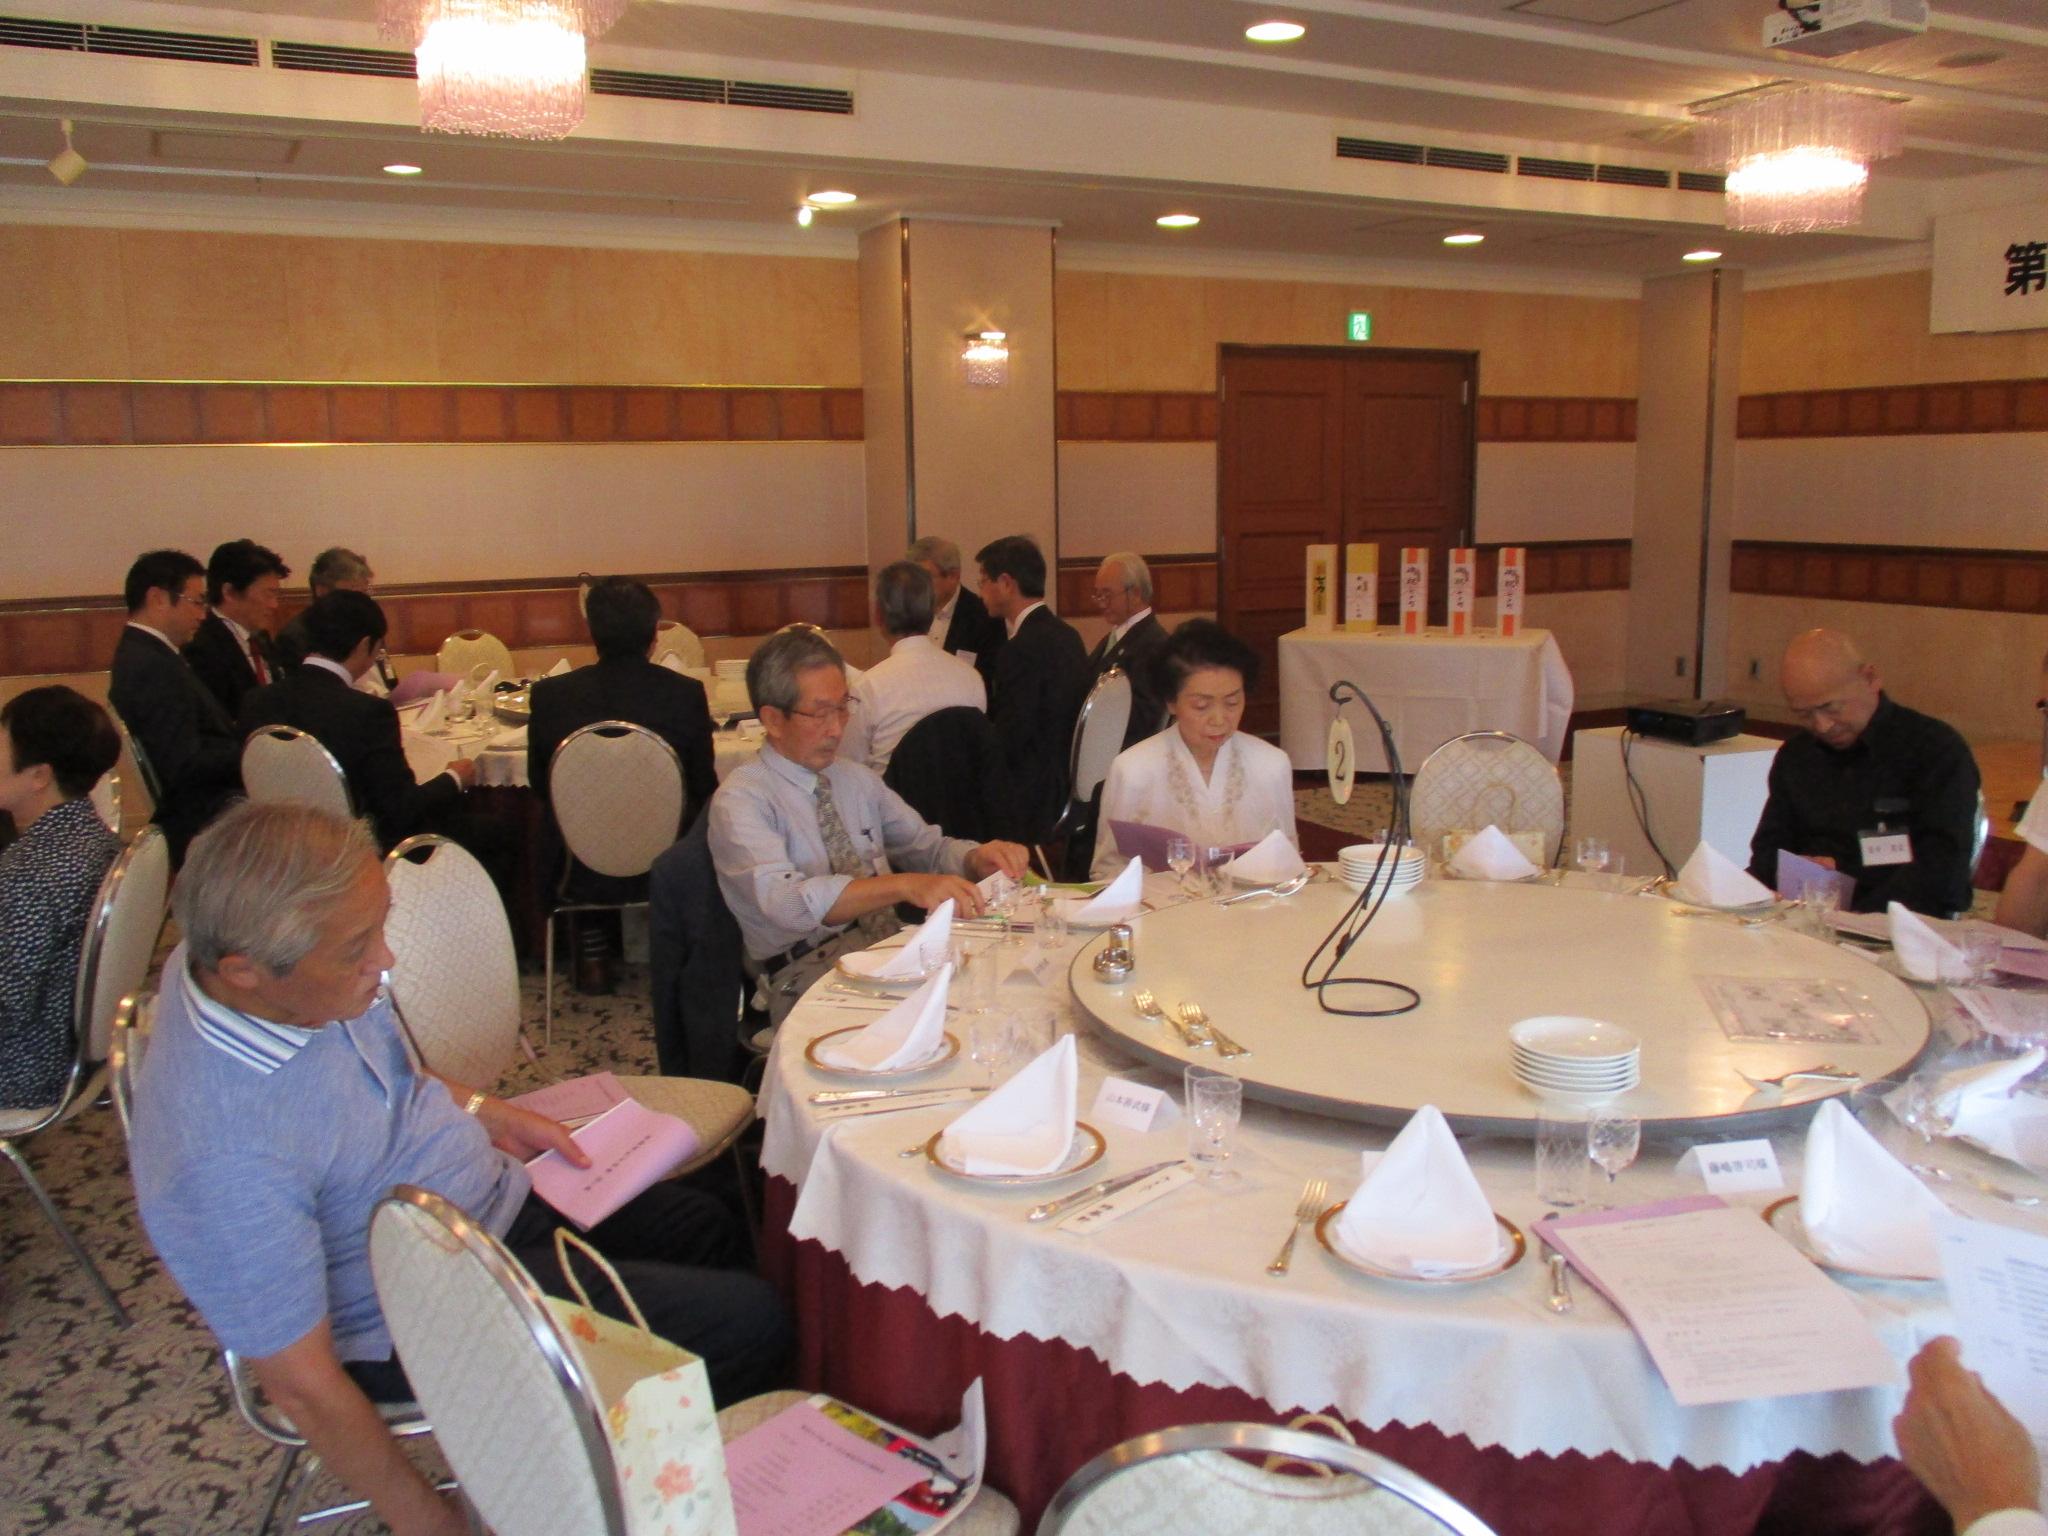 IMG 0629 - 第7回東京七戸会総会開催